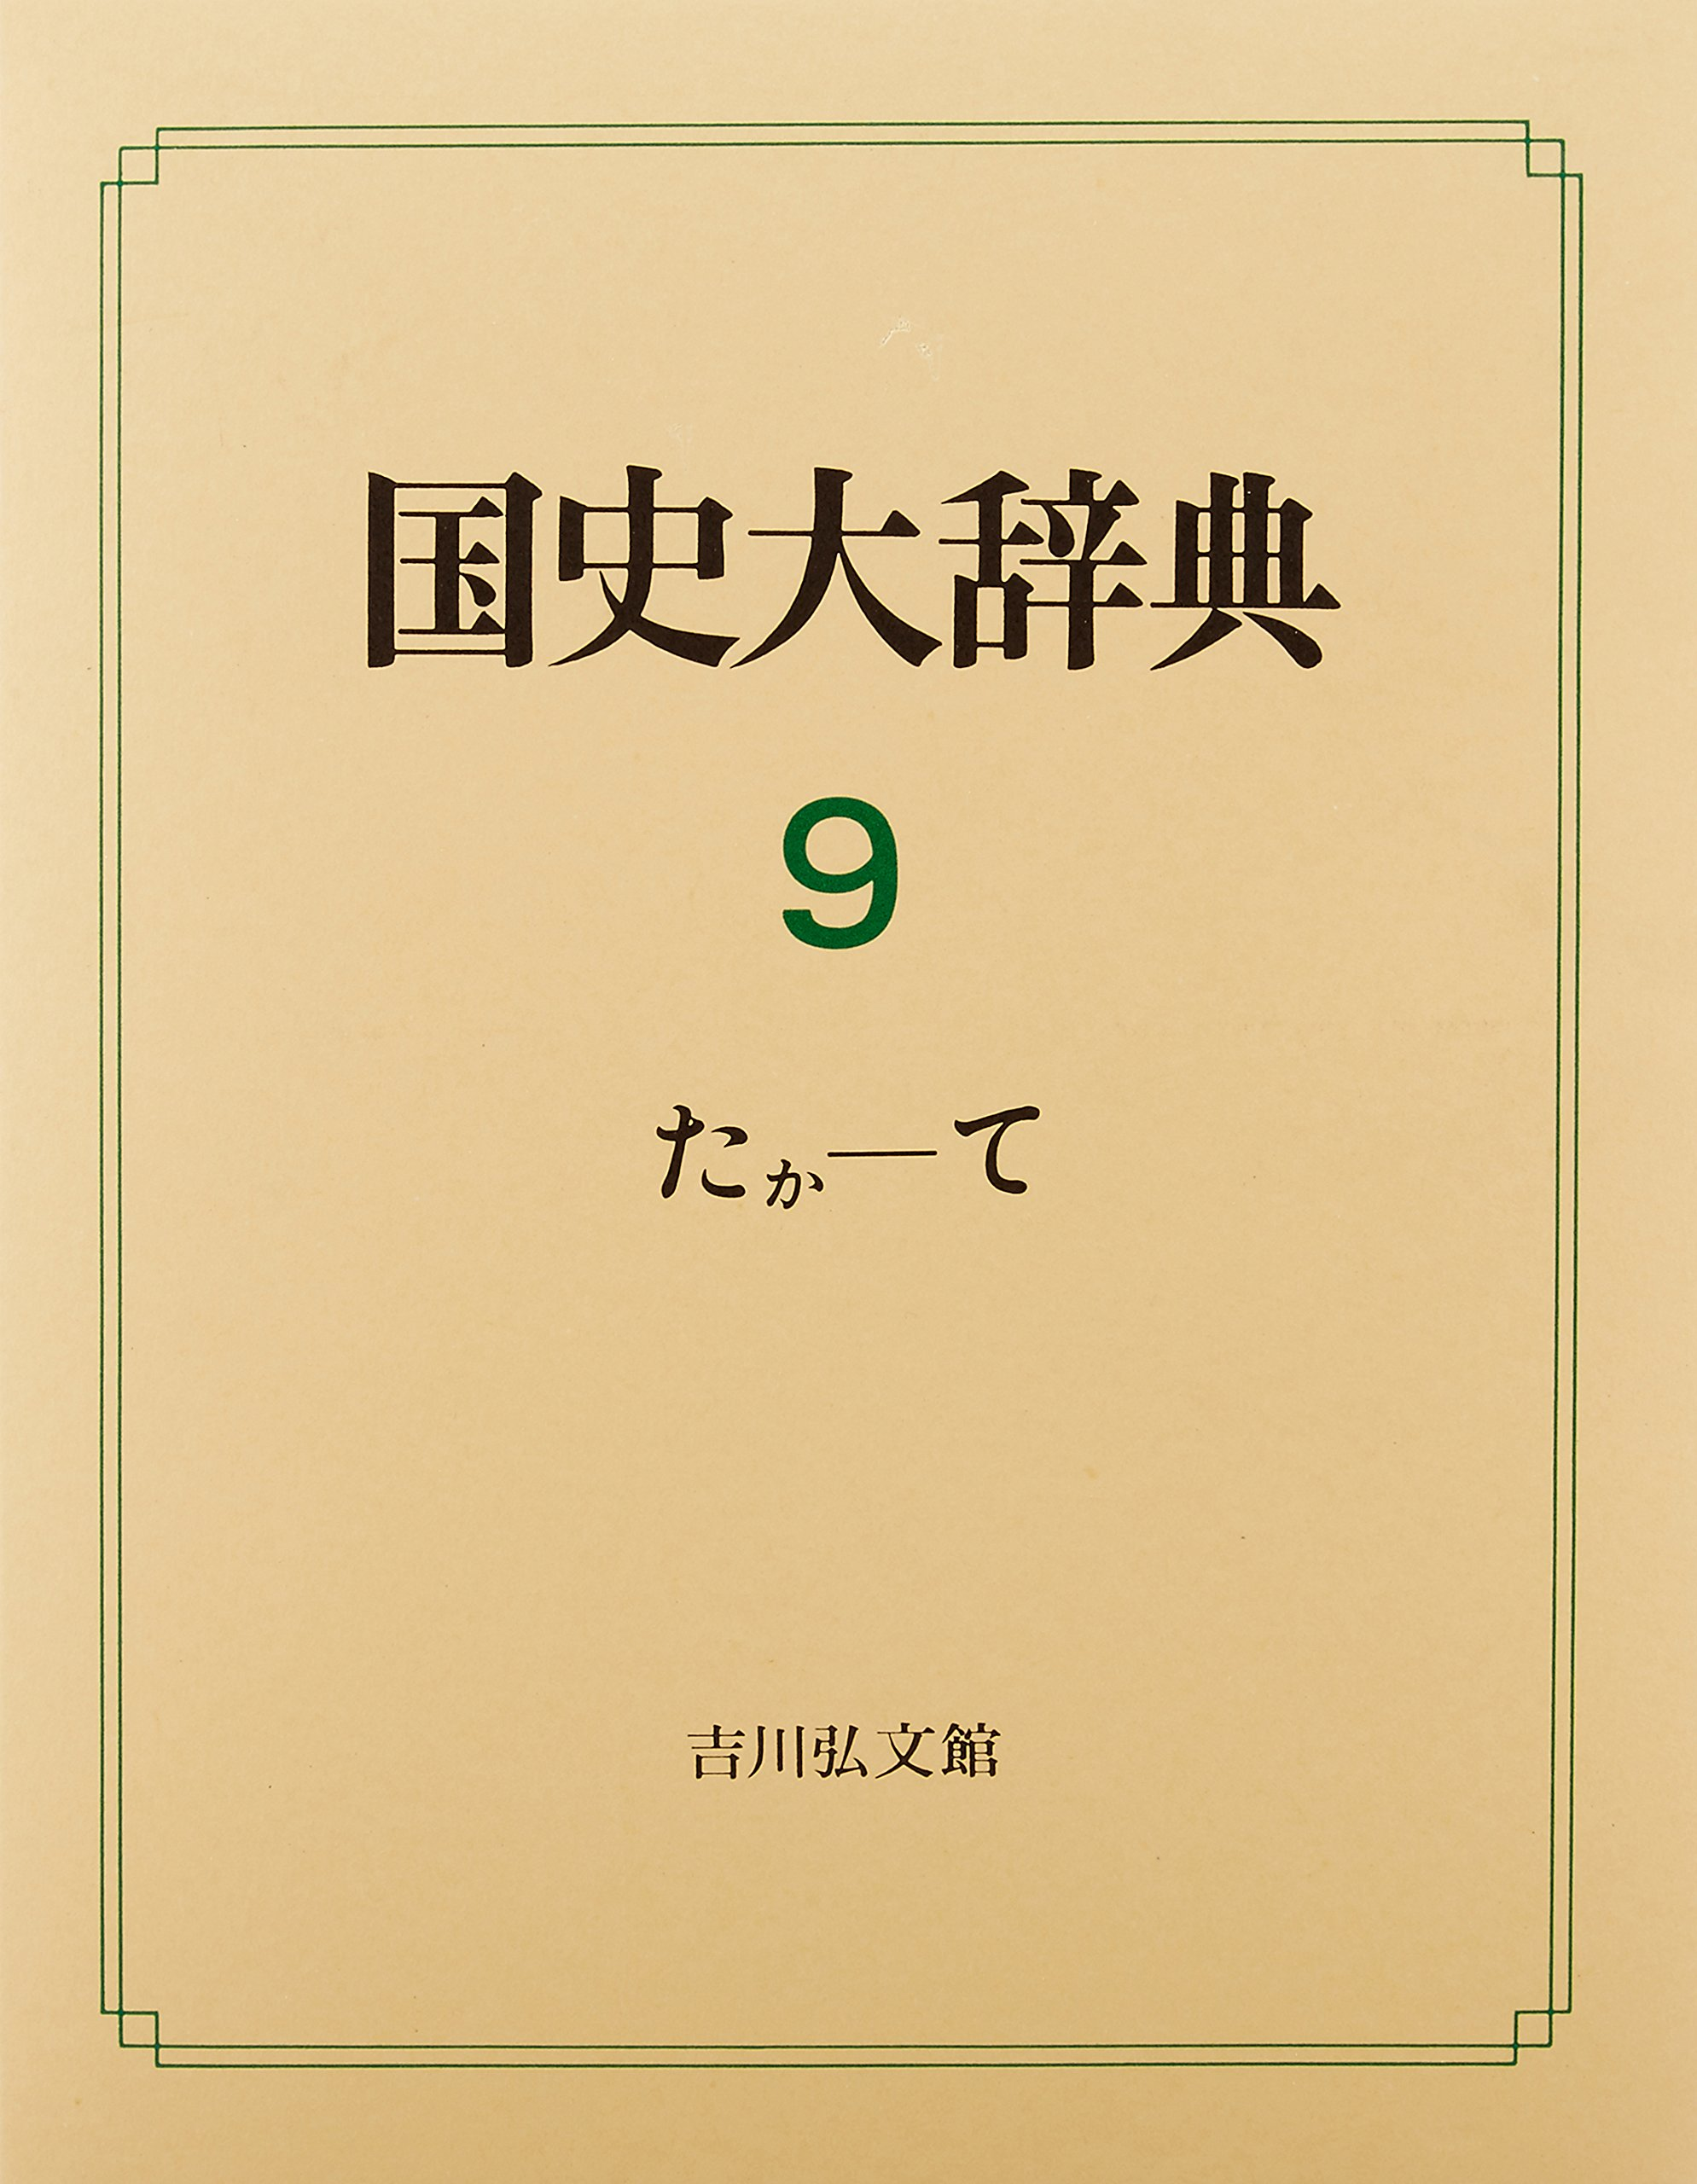 国史大辞典(9)